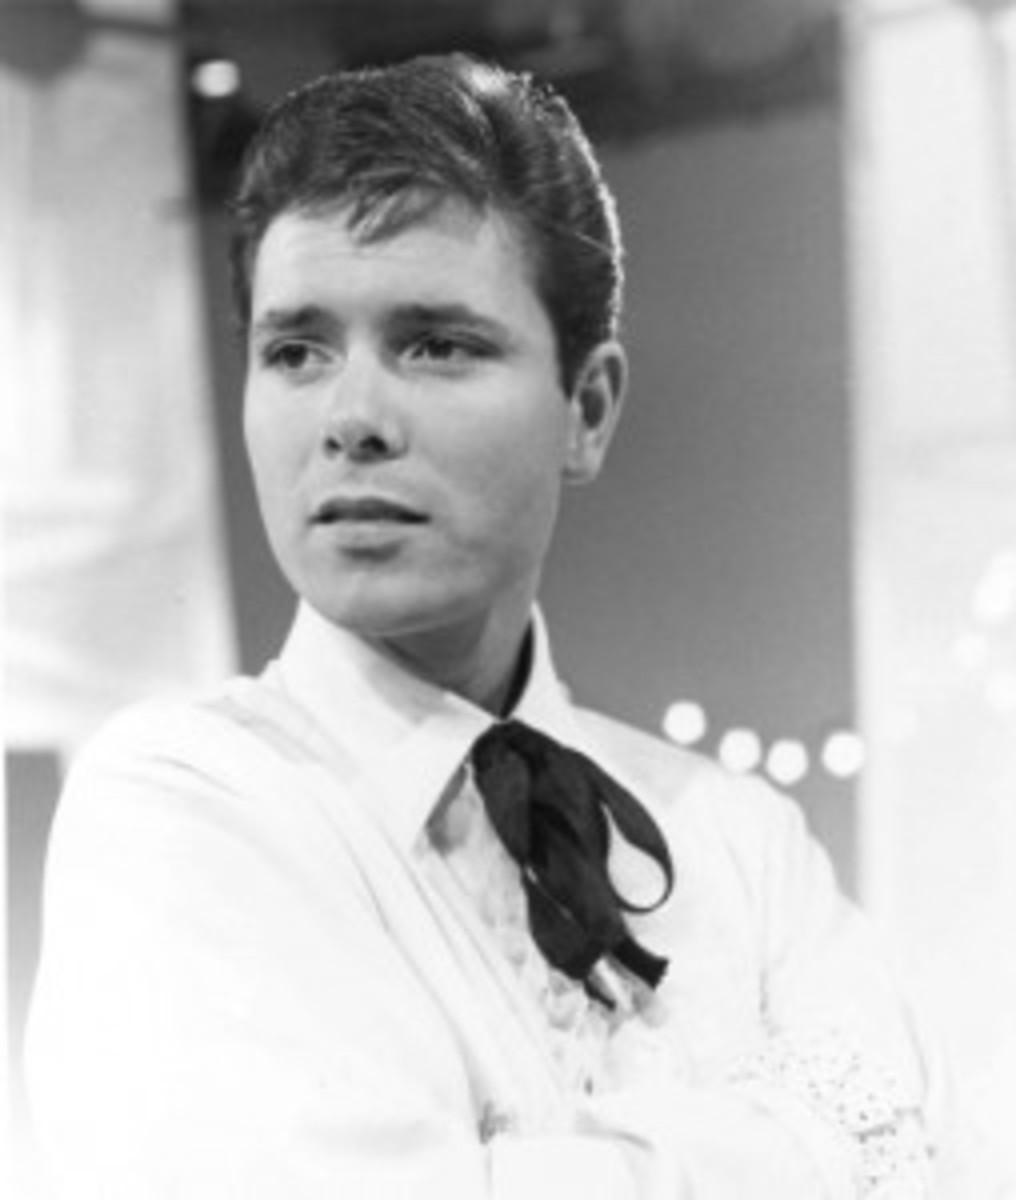 Cliff Richard 1950s